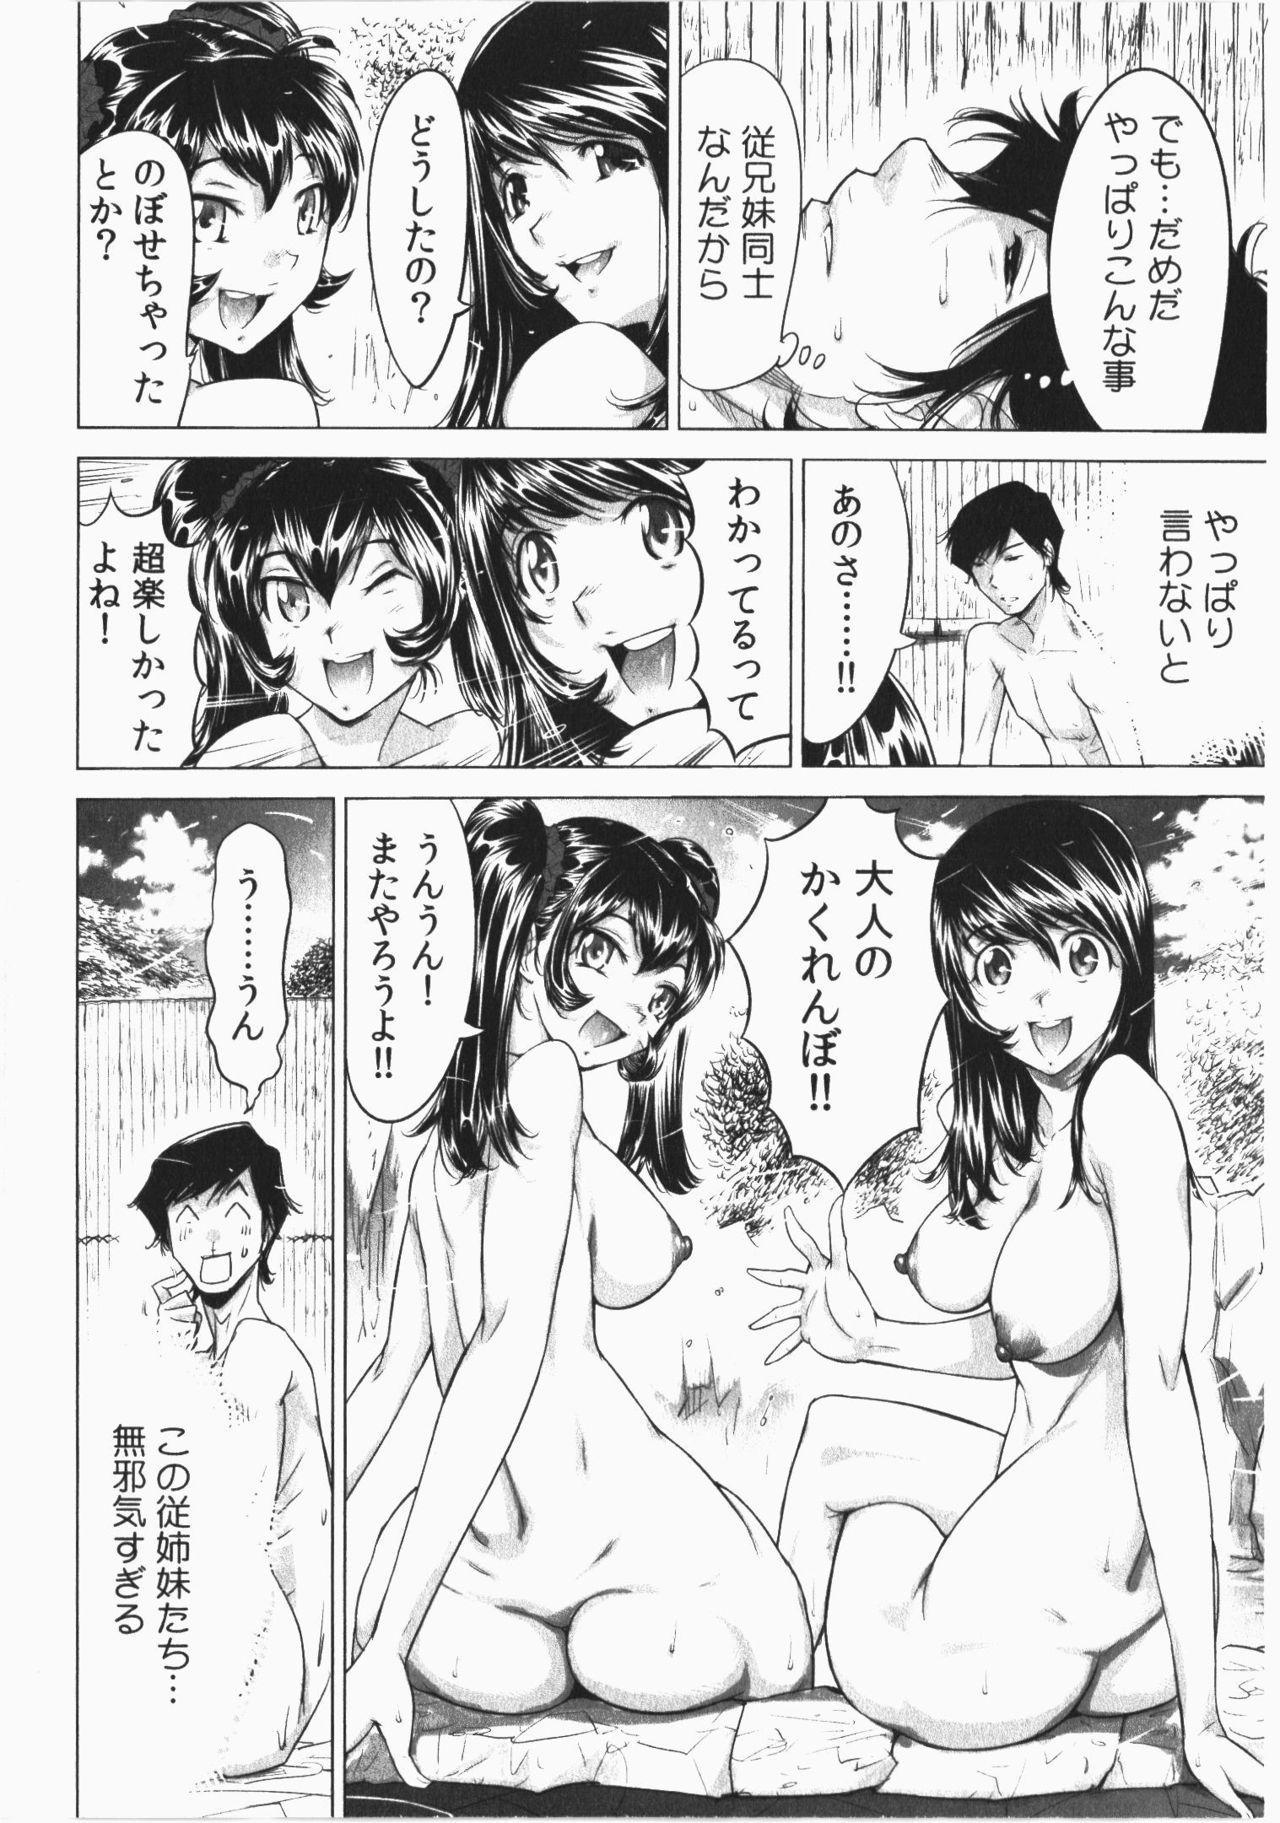 Ukkari Haicchatta! Itoko to Micchaku Game Chuu 129